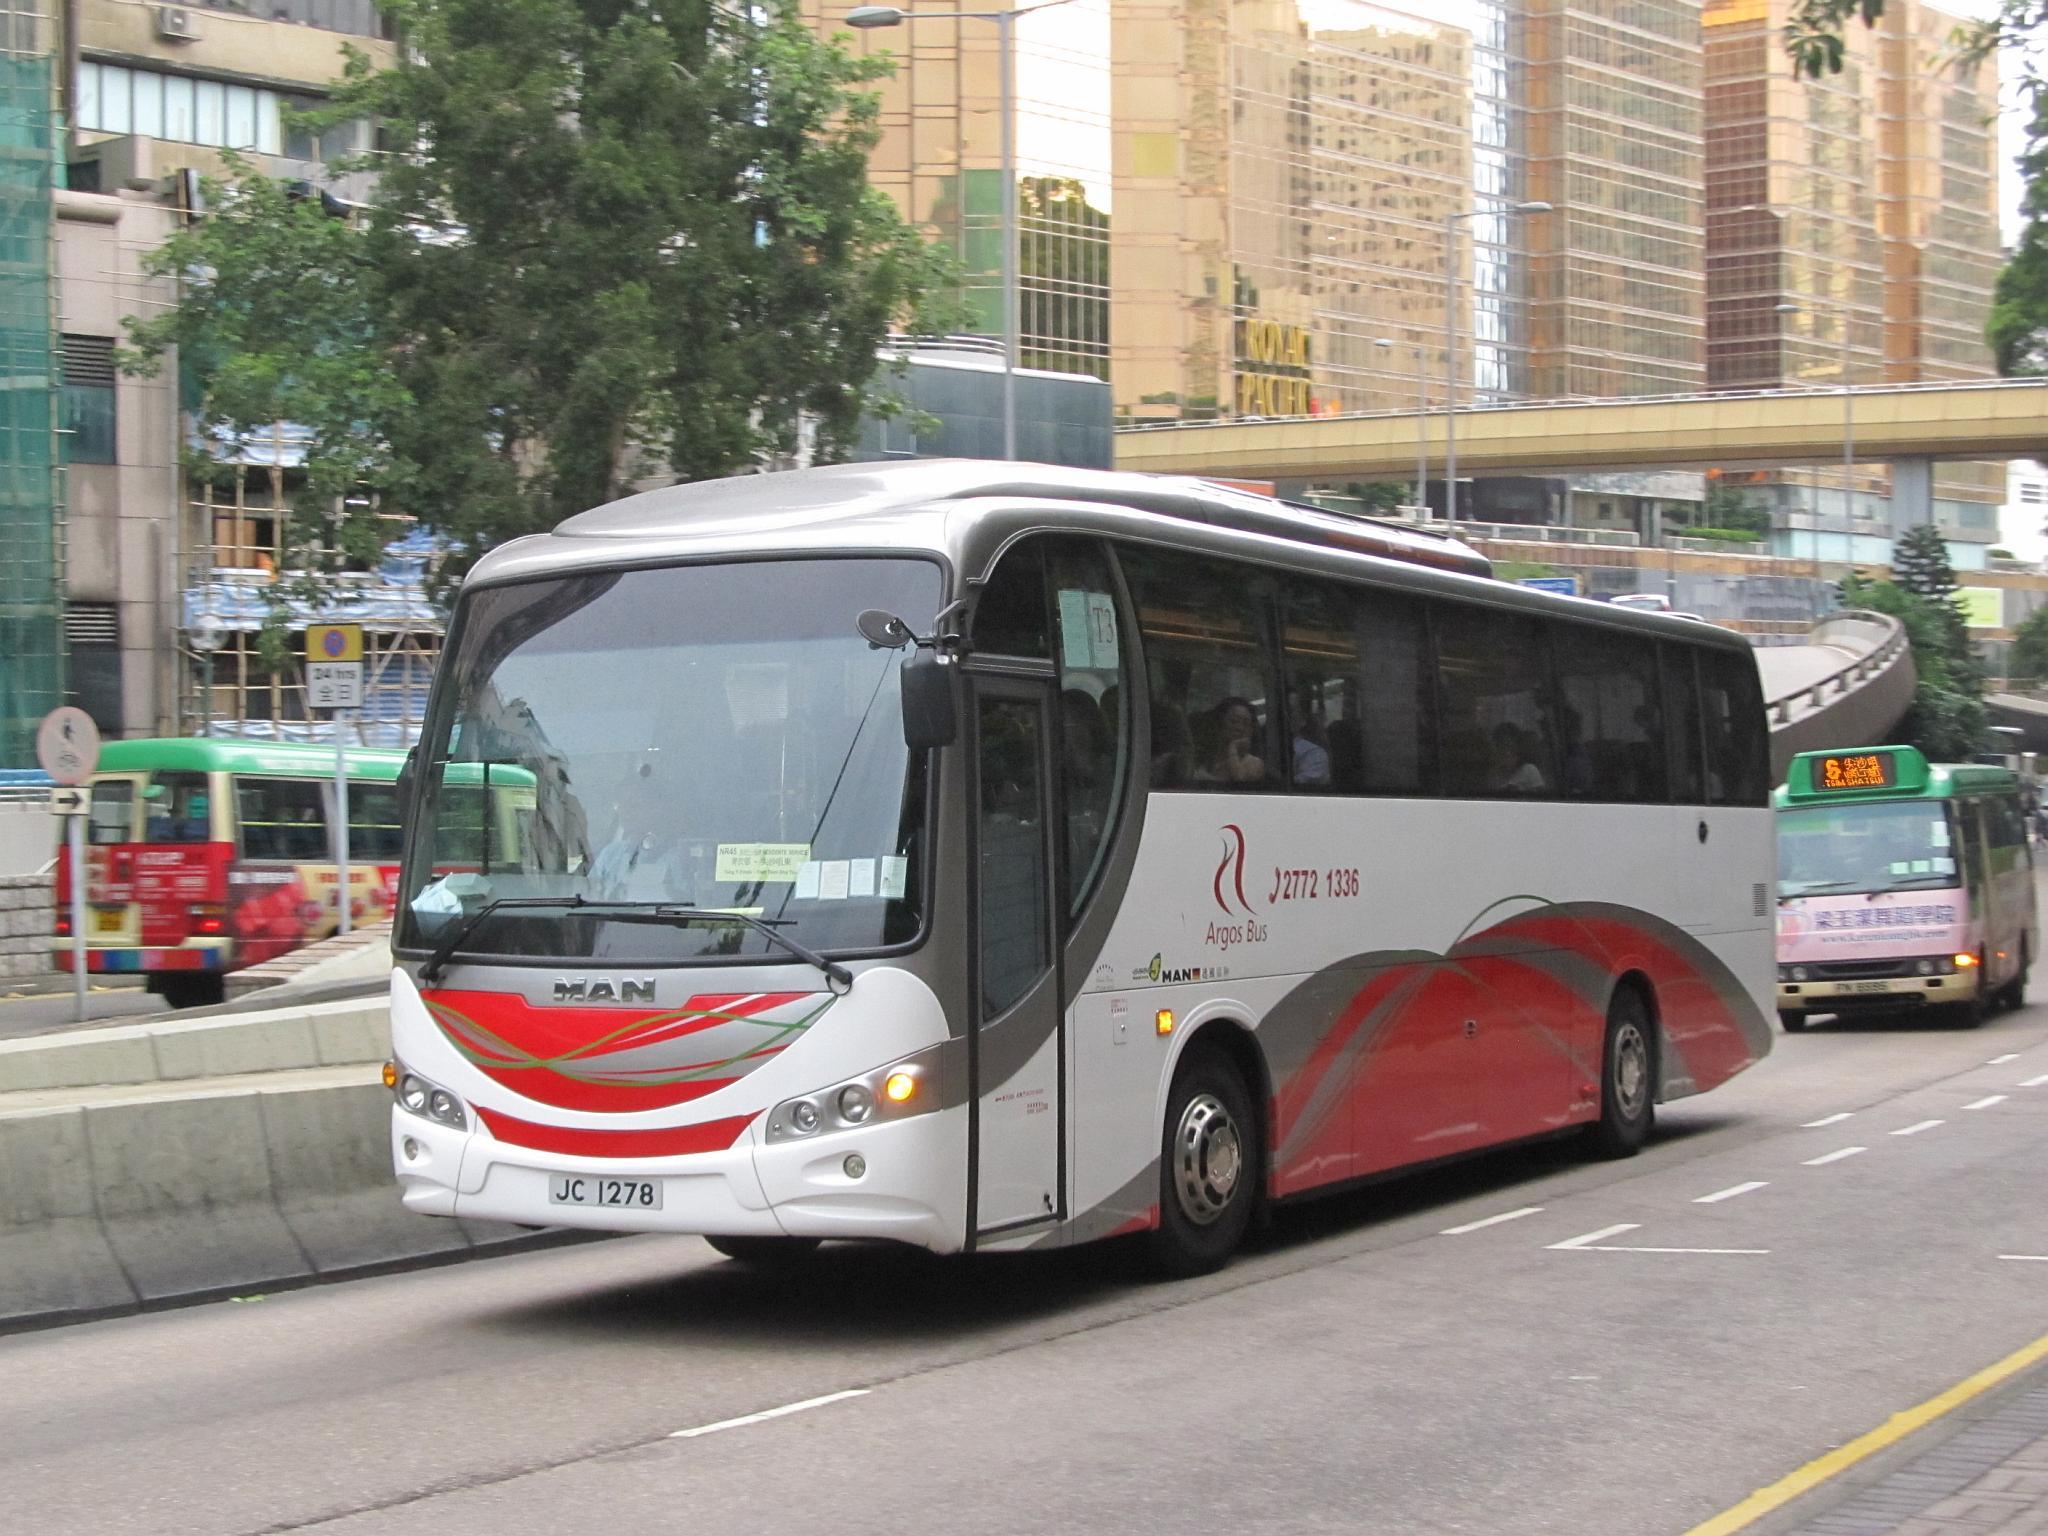 居民巴士NR45線